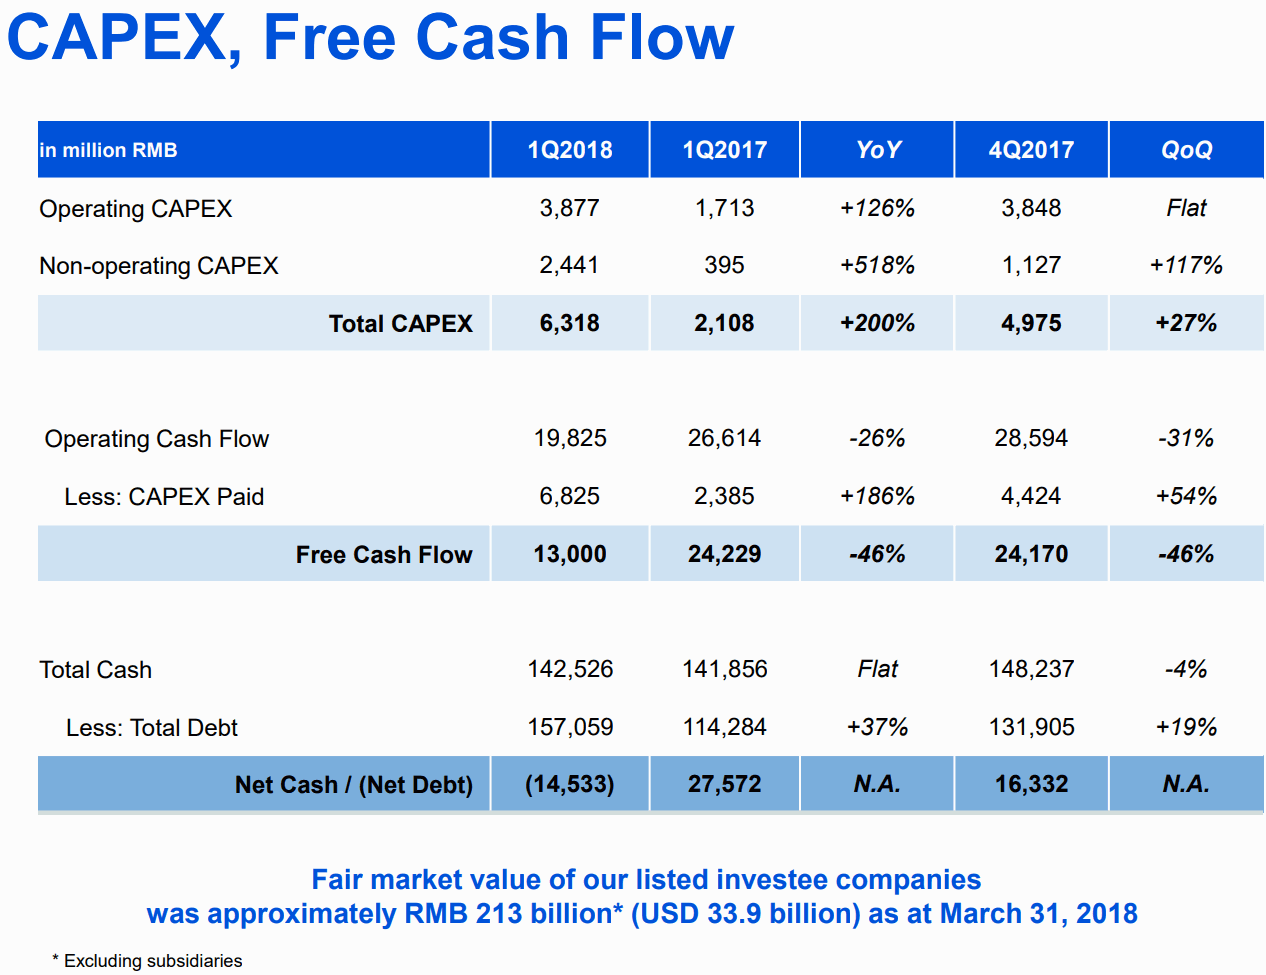 Tencent-2018Q1-Capex_Free-Cash-Flow